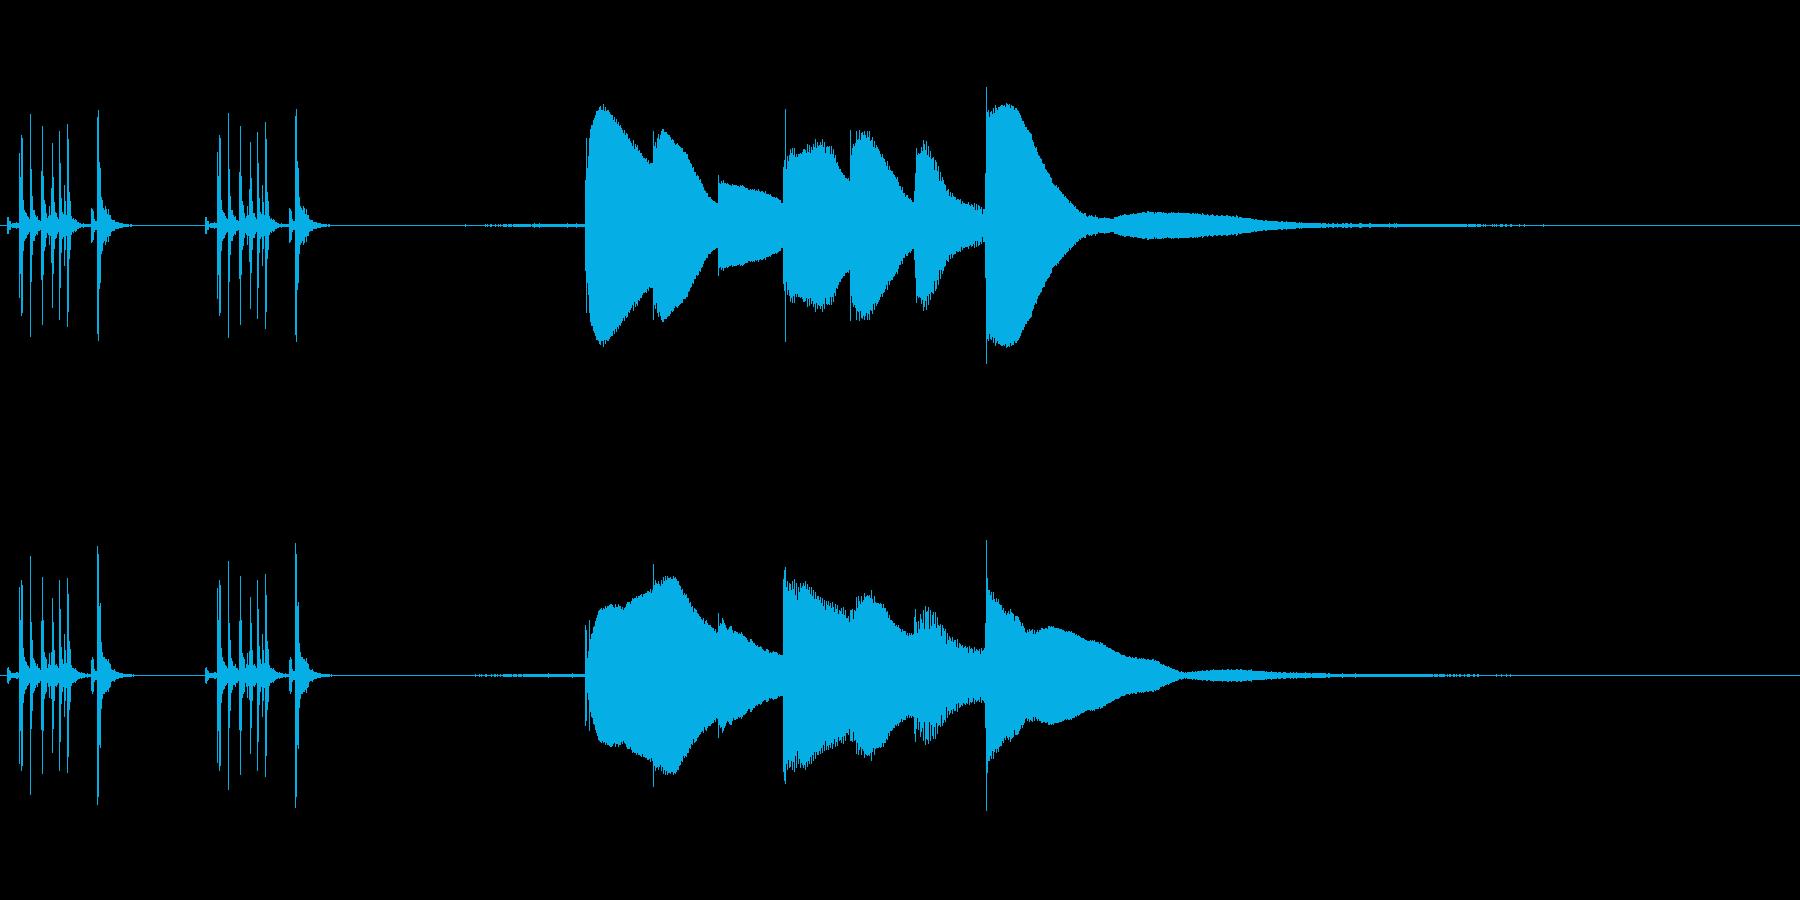 ジングル用オルゴール楽曲09-1の再生済みの波形